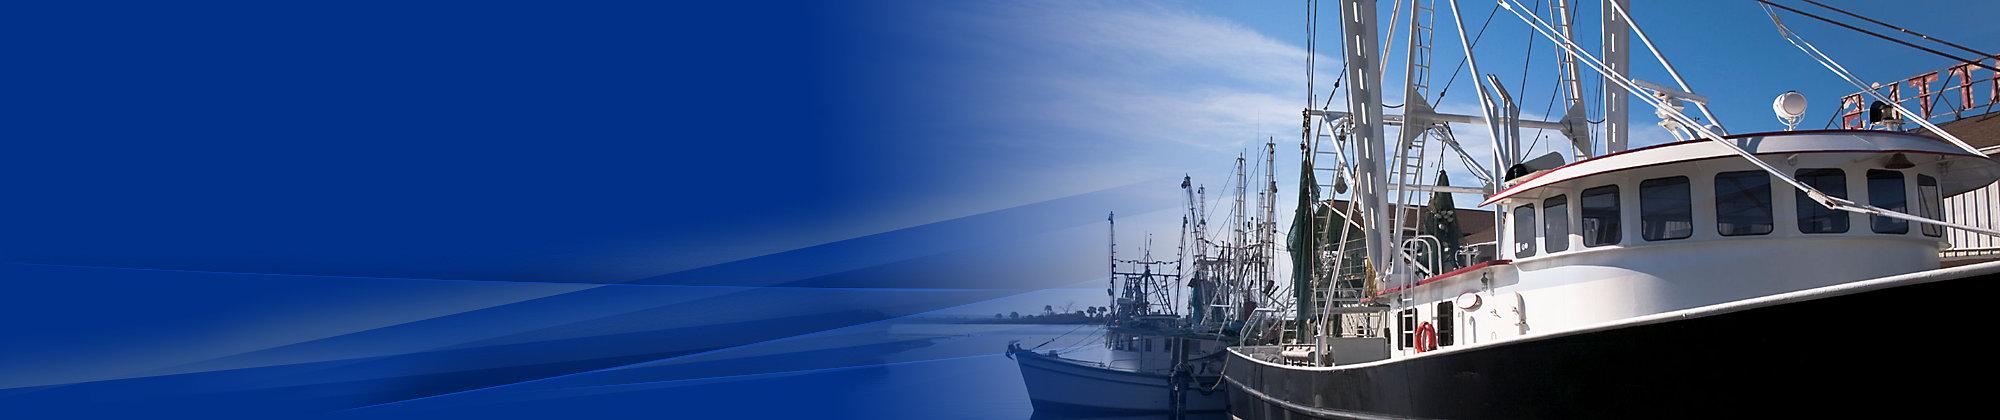 Perkins marine heritage